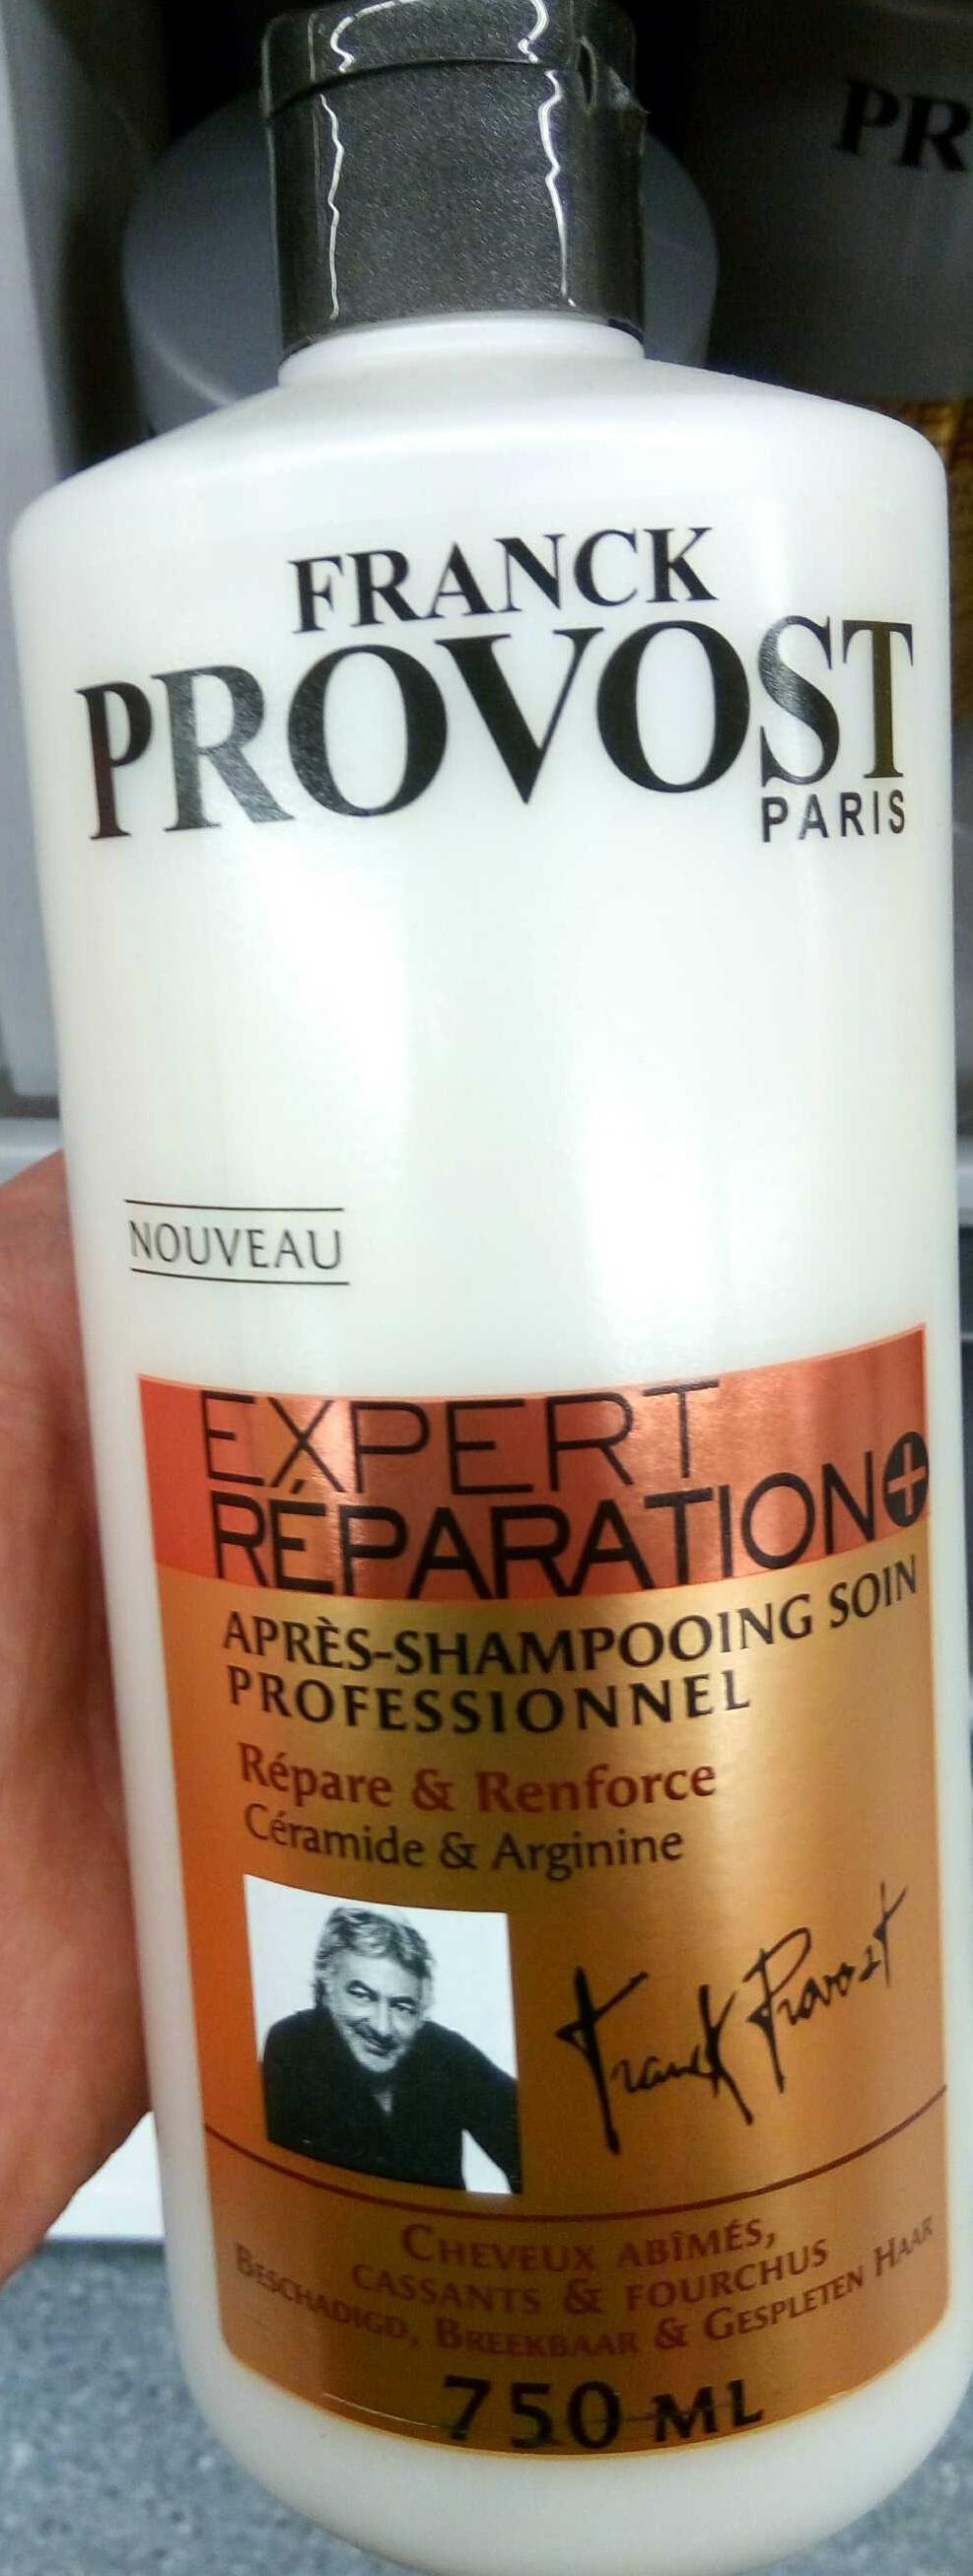 Expert Réparation Après-shampooing soin professionnel - Produit - fr